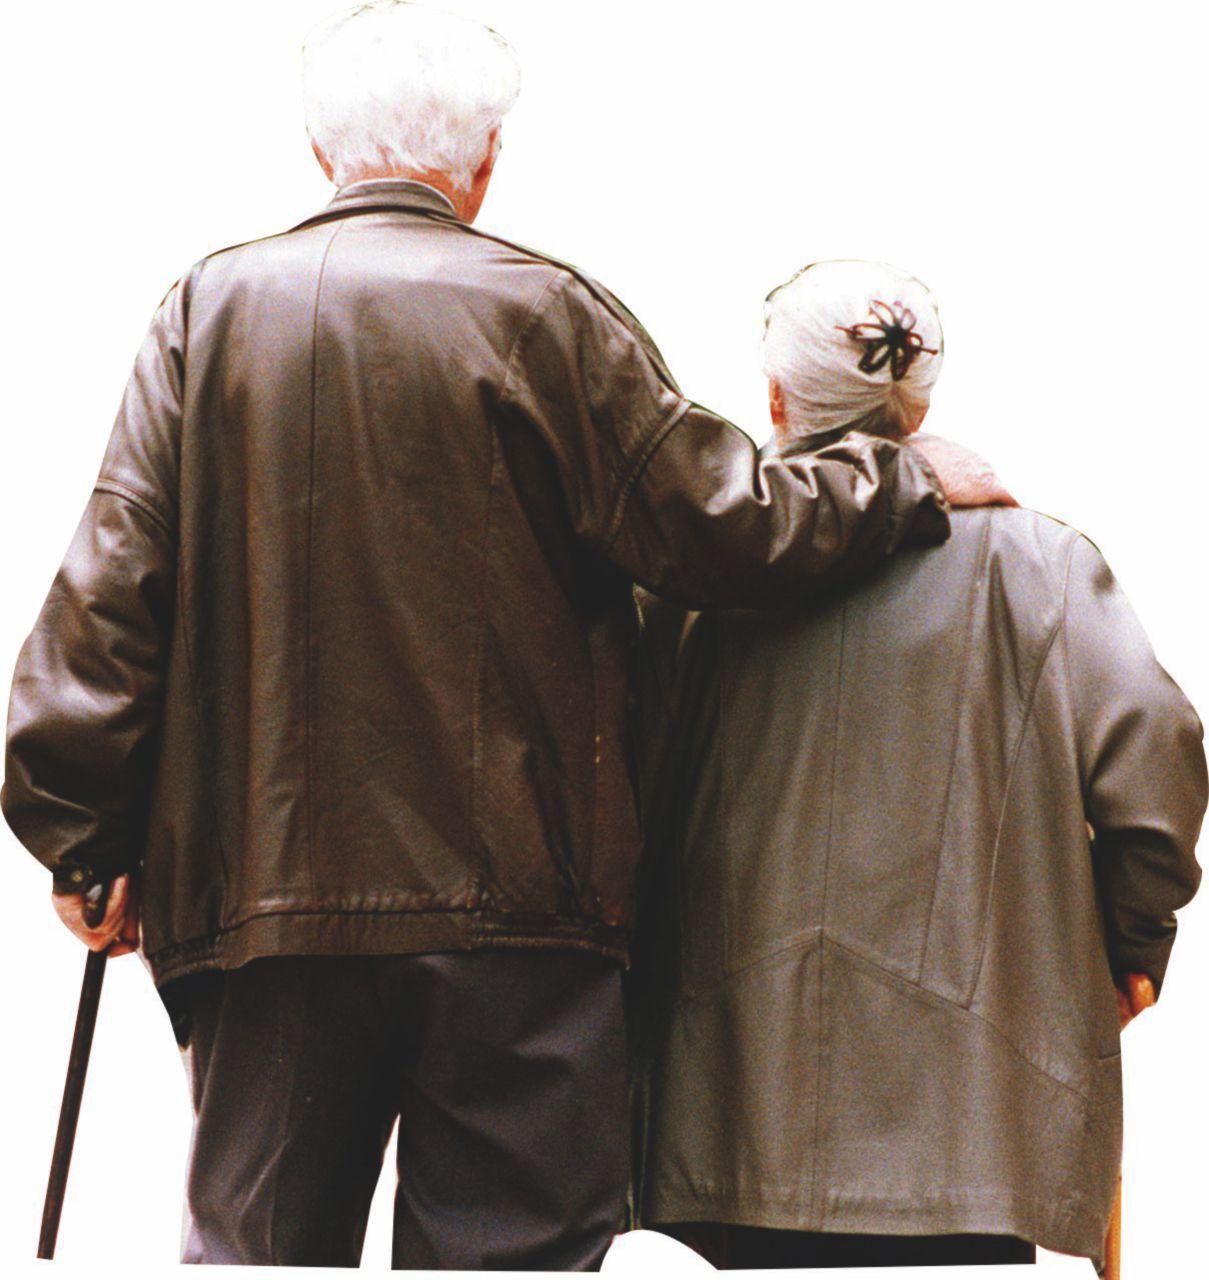 Meno soldi  agli anziani   e più ai giovani